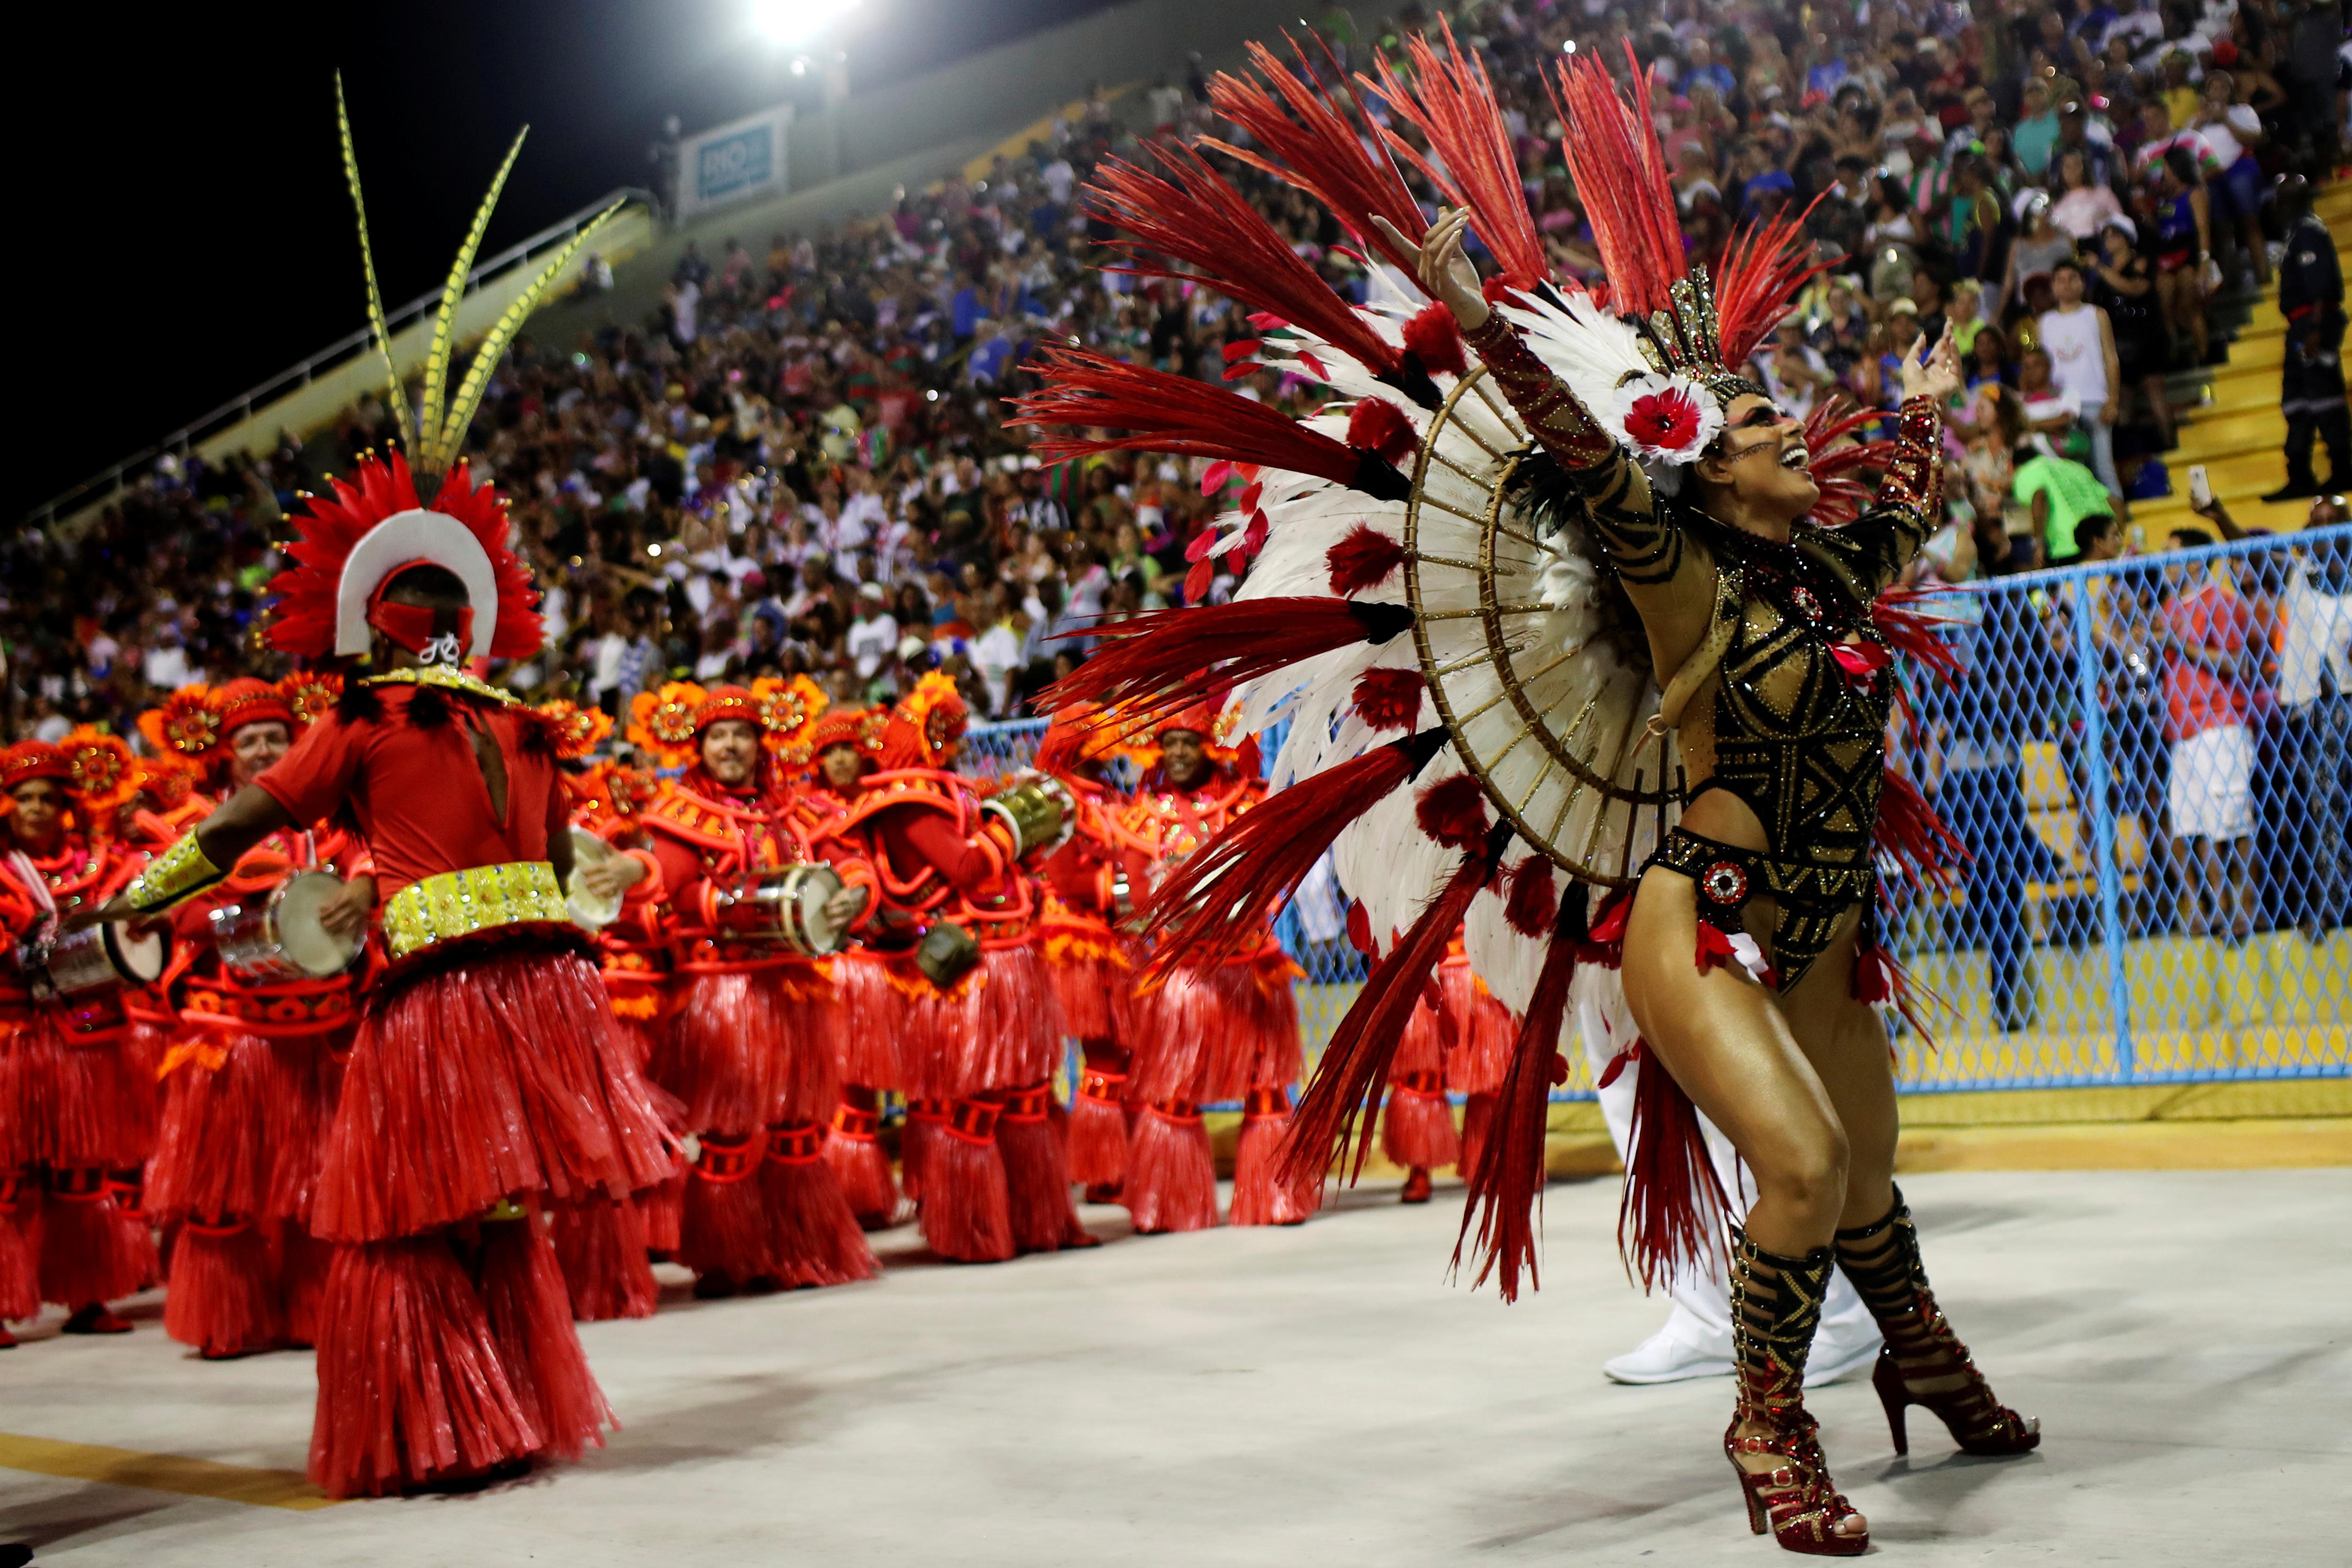 La reina de la escuela de samba Estacio de Sa reacciona poco antes del comienzo de la primera noche del desfile de carnaval en el Sambódromo de Río de Janeiro (REUTERS / Ricardo Moraes)